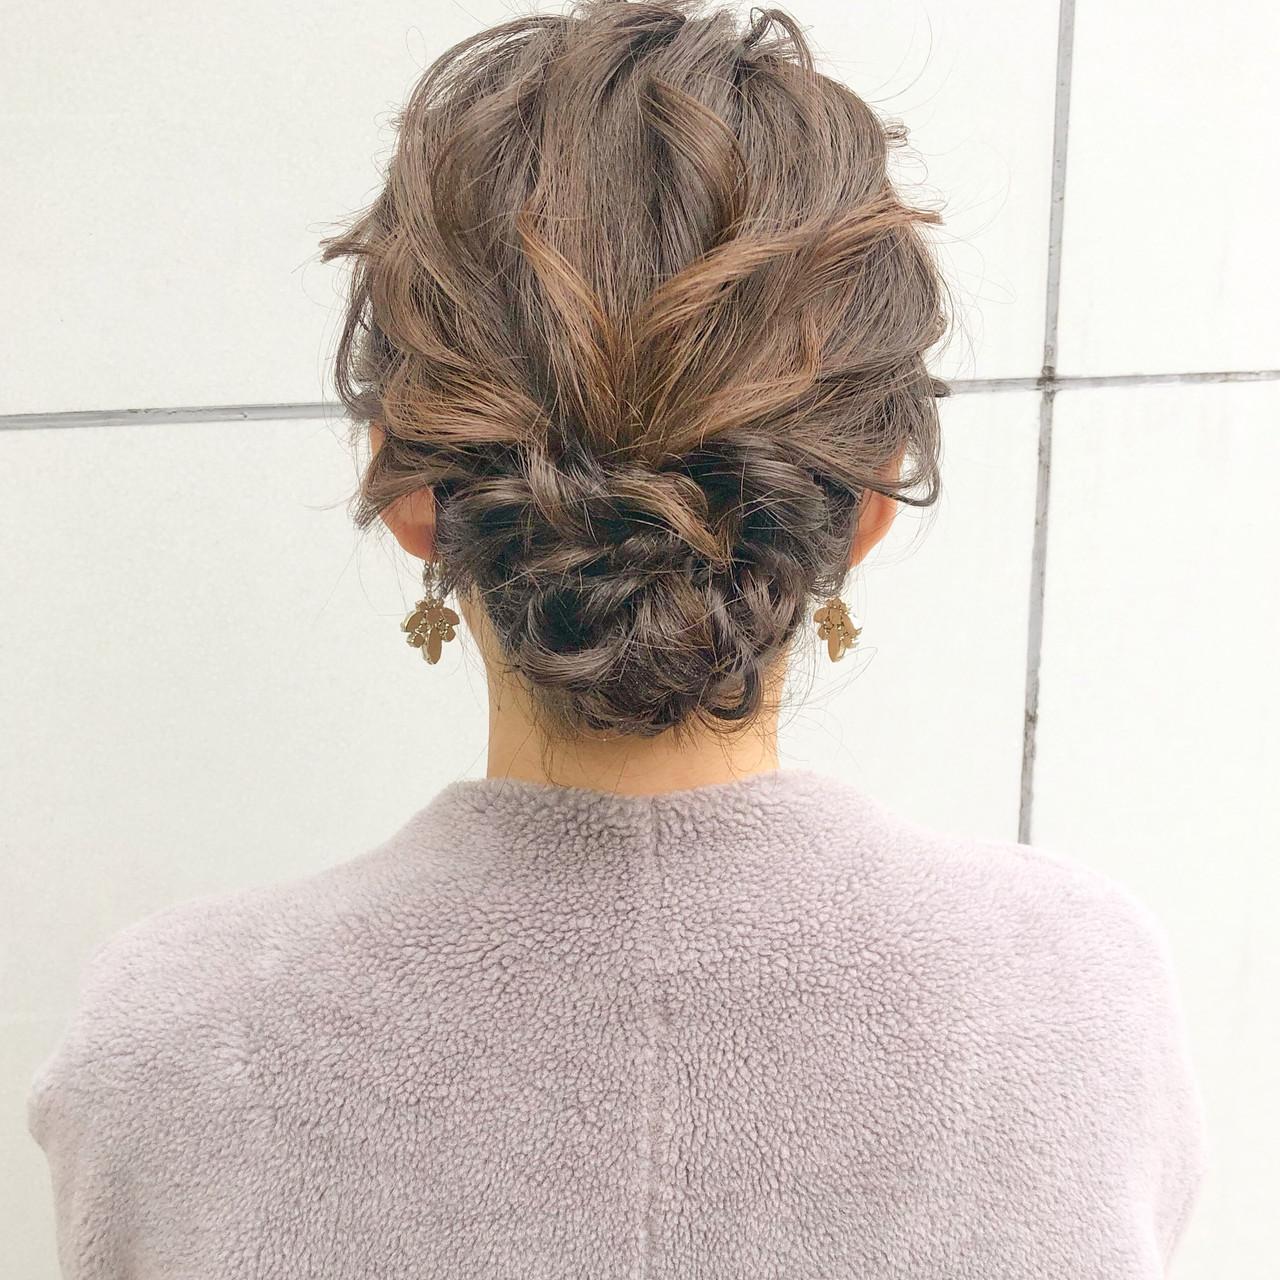 デート 結婚式 簡単ヘアアレンジ ヘアアレンジ ヘアスタイルや髪型の写真・画像 | 『ボブ美容師』永田邦彦 表参道 / send by HAIR